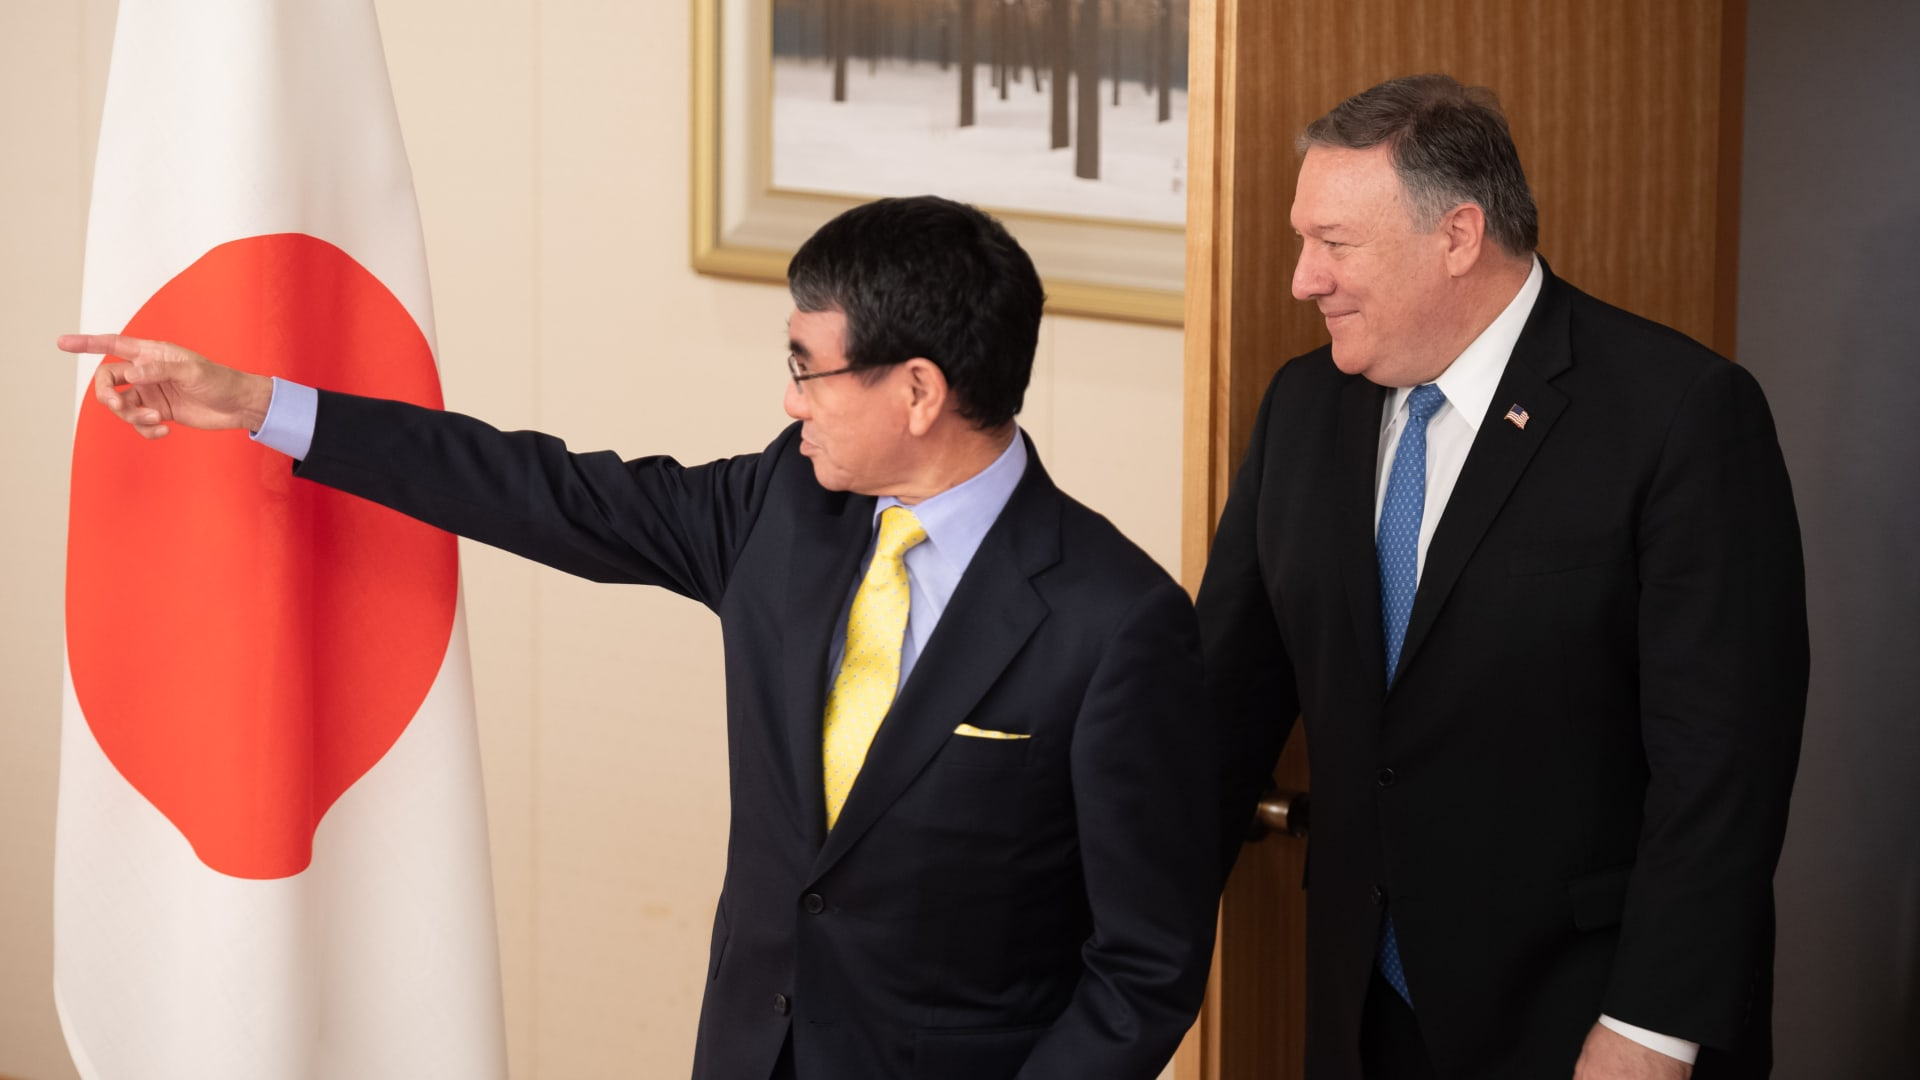 الخارجية الأمريكية تحقق في اختفاء زجاجة ويسكي يابانية.. وبومبيو: كلام مجنون